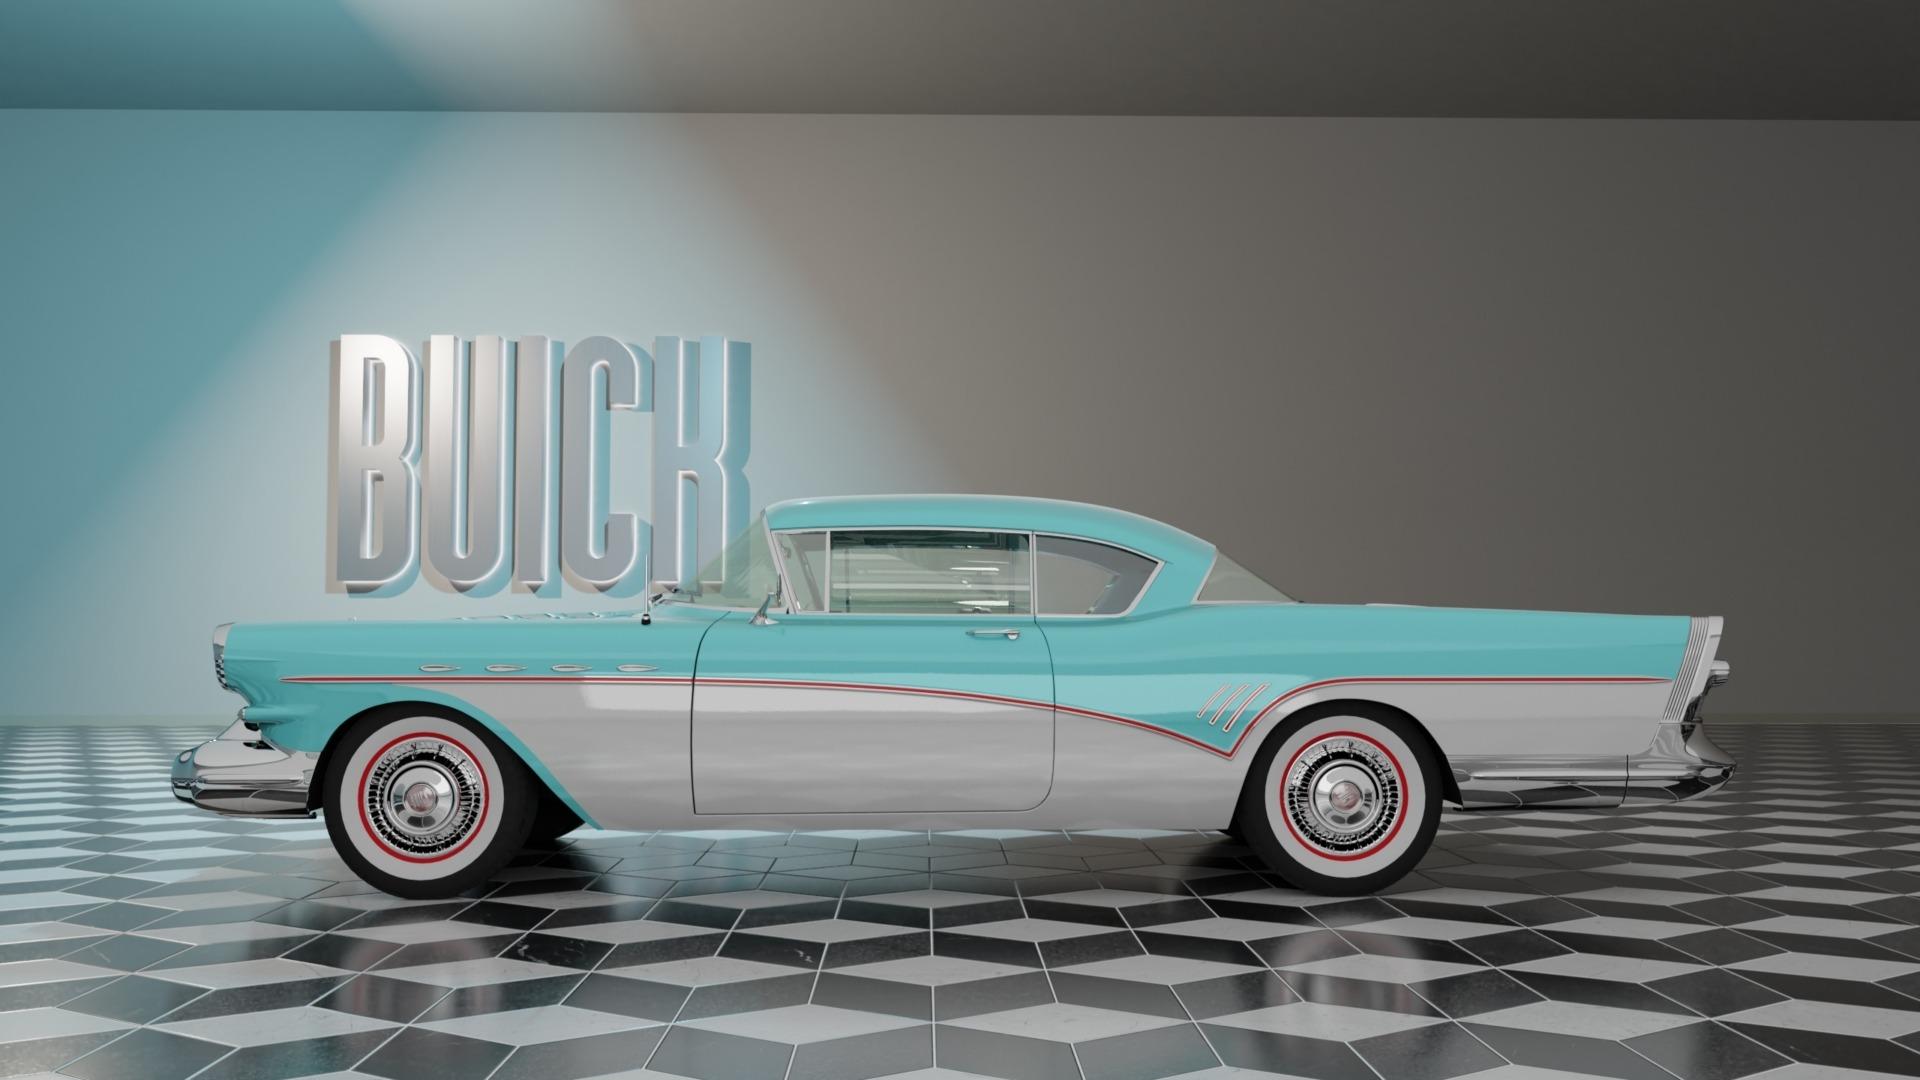 buick_render_06-2